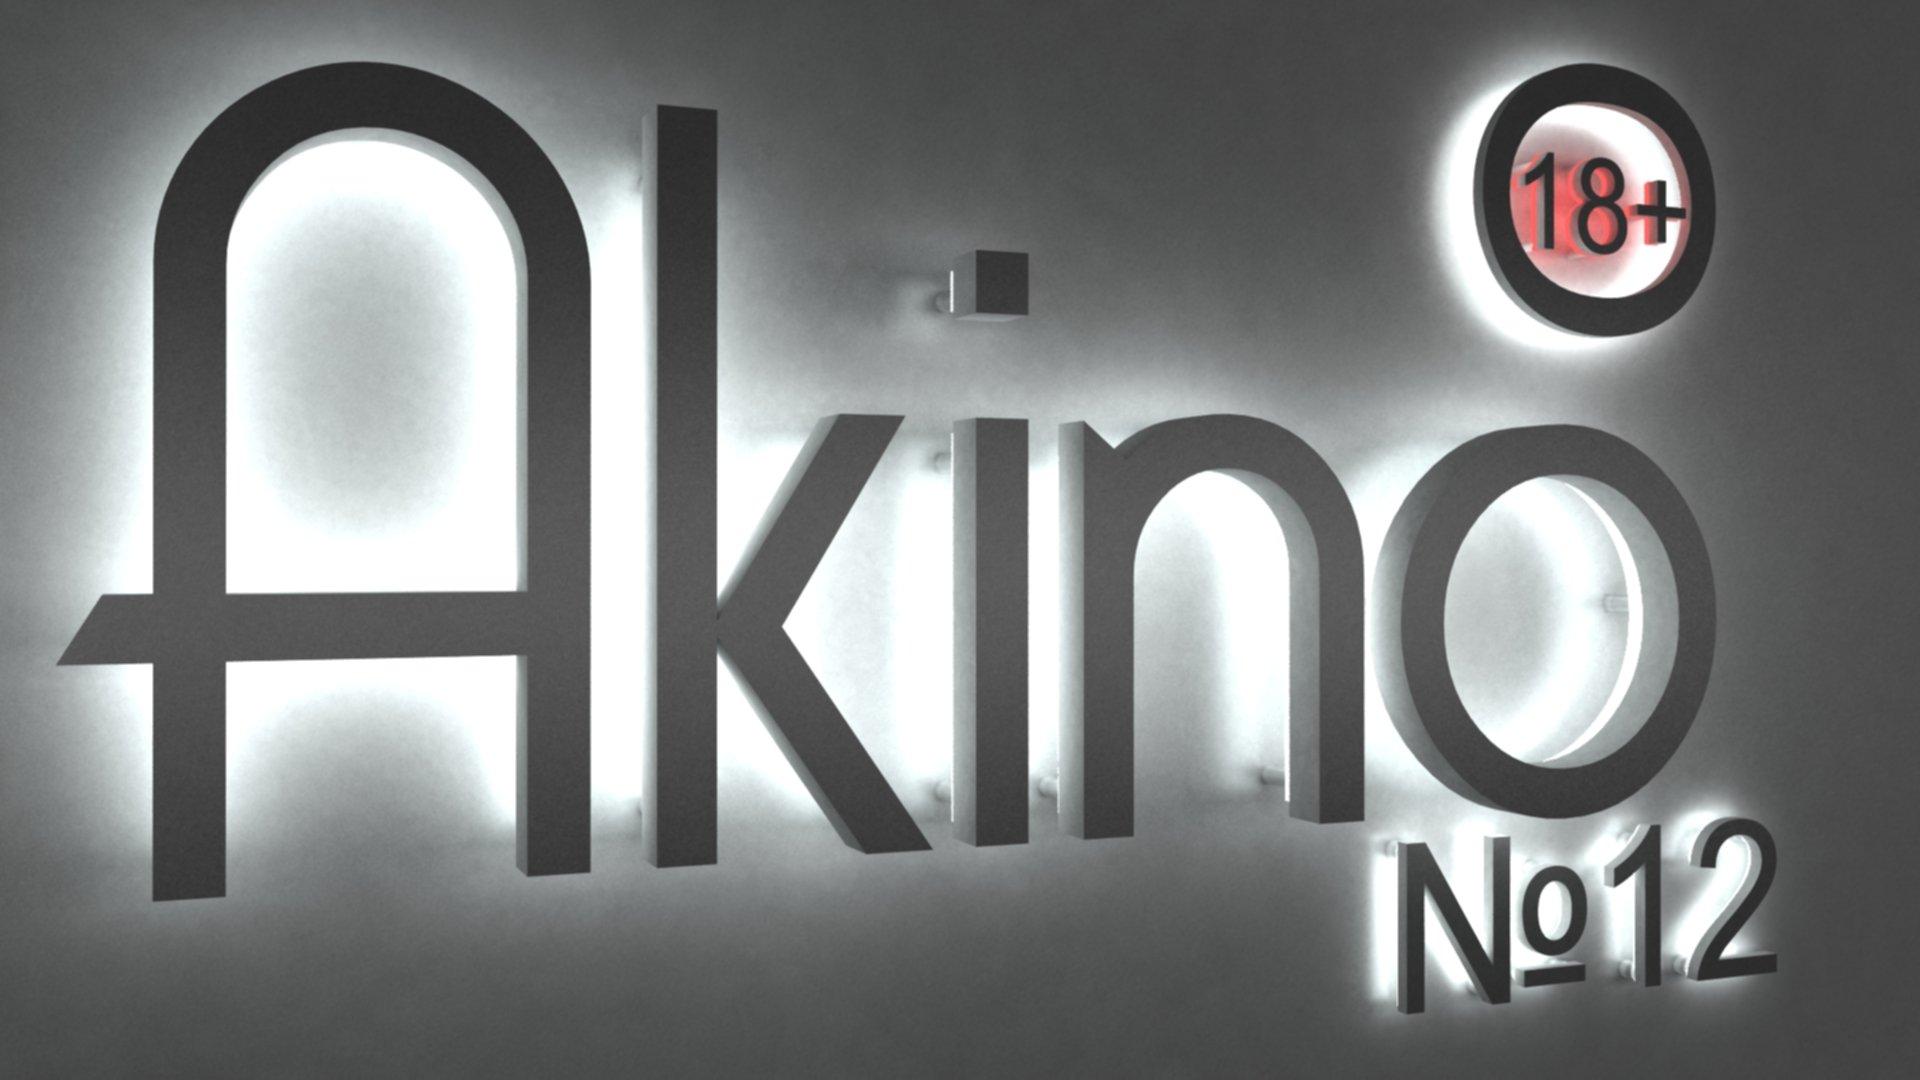 Подкаст AkiNO Выпуск № 12 (18+) - Изображение 1